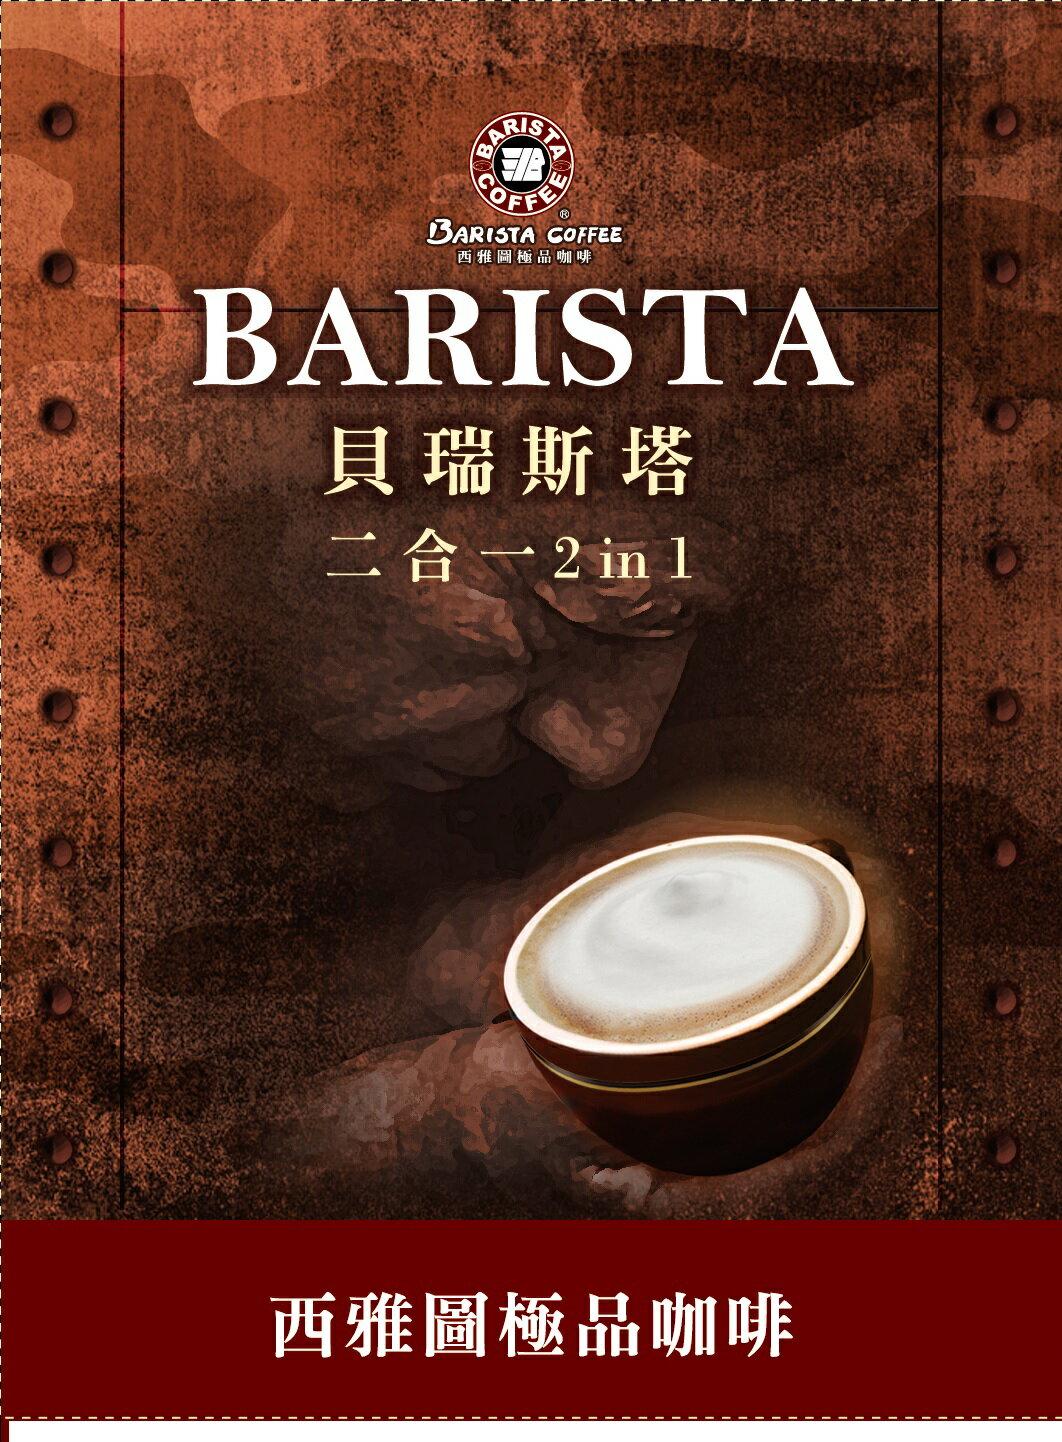 西雅圖  貝瑞斯塔2合1咖啡21g(100入/盒)現貨  禮盒包裝(冷熱皆宜)